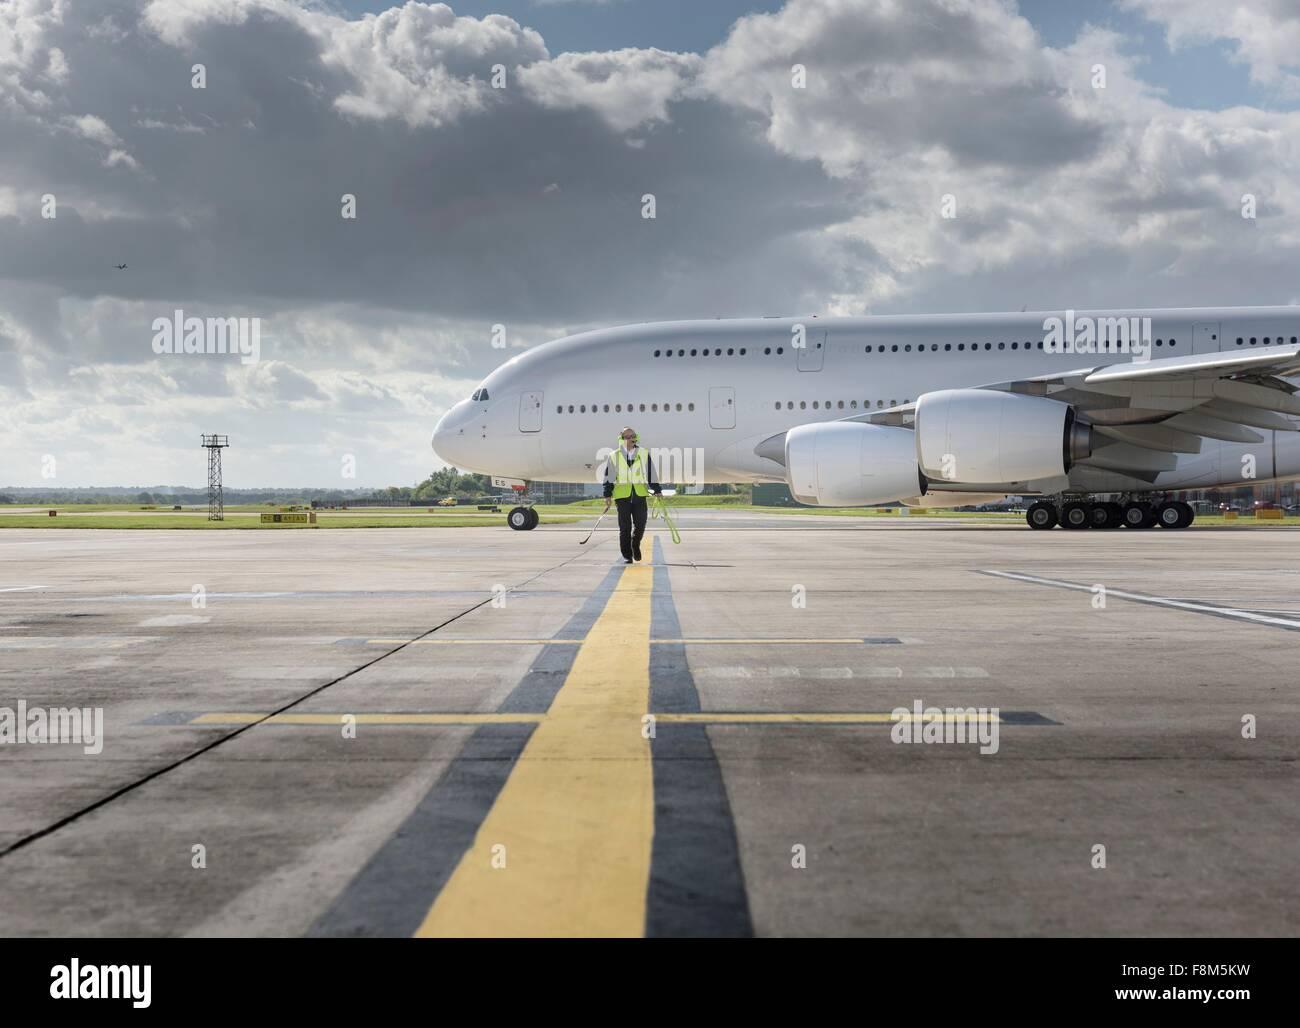 Ingénieur en chef de la piste de marche comme un avion décolle de l'aéroport a380 Photo Stock